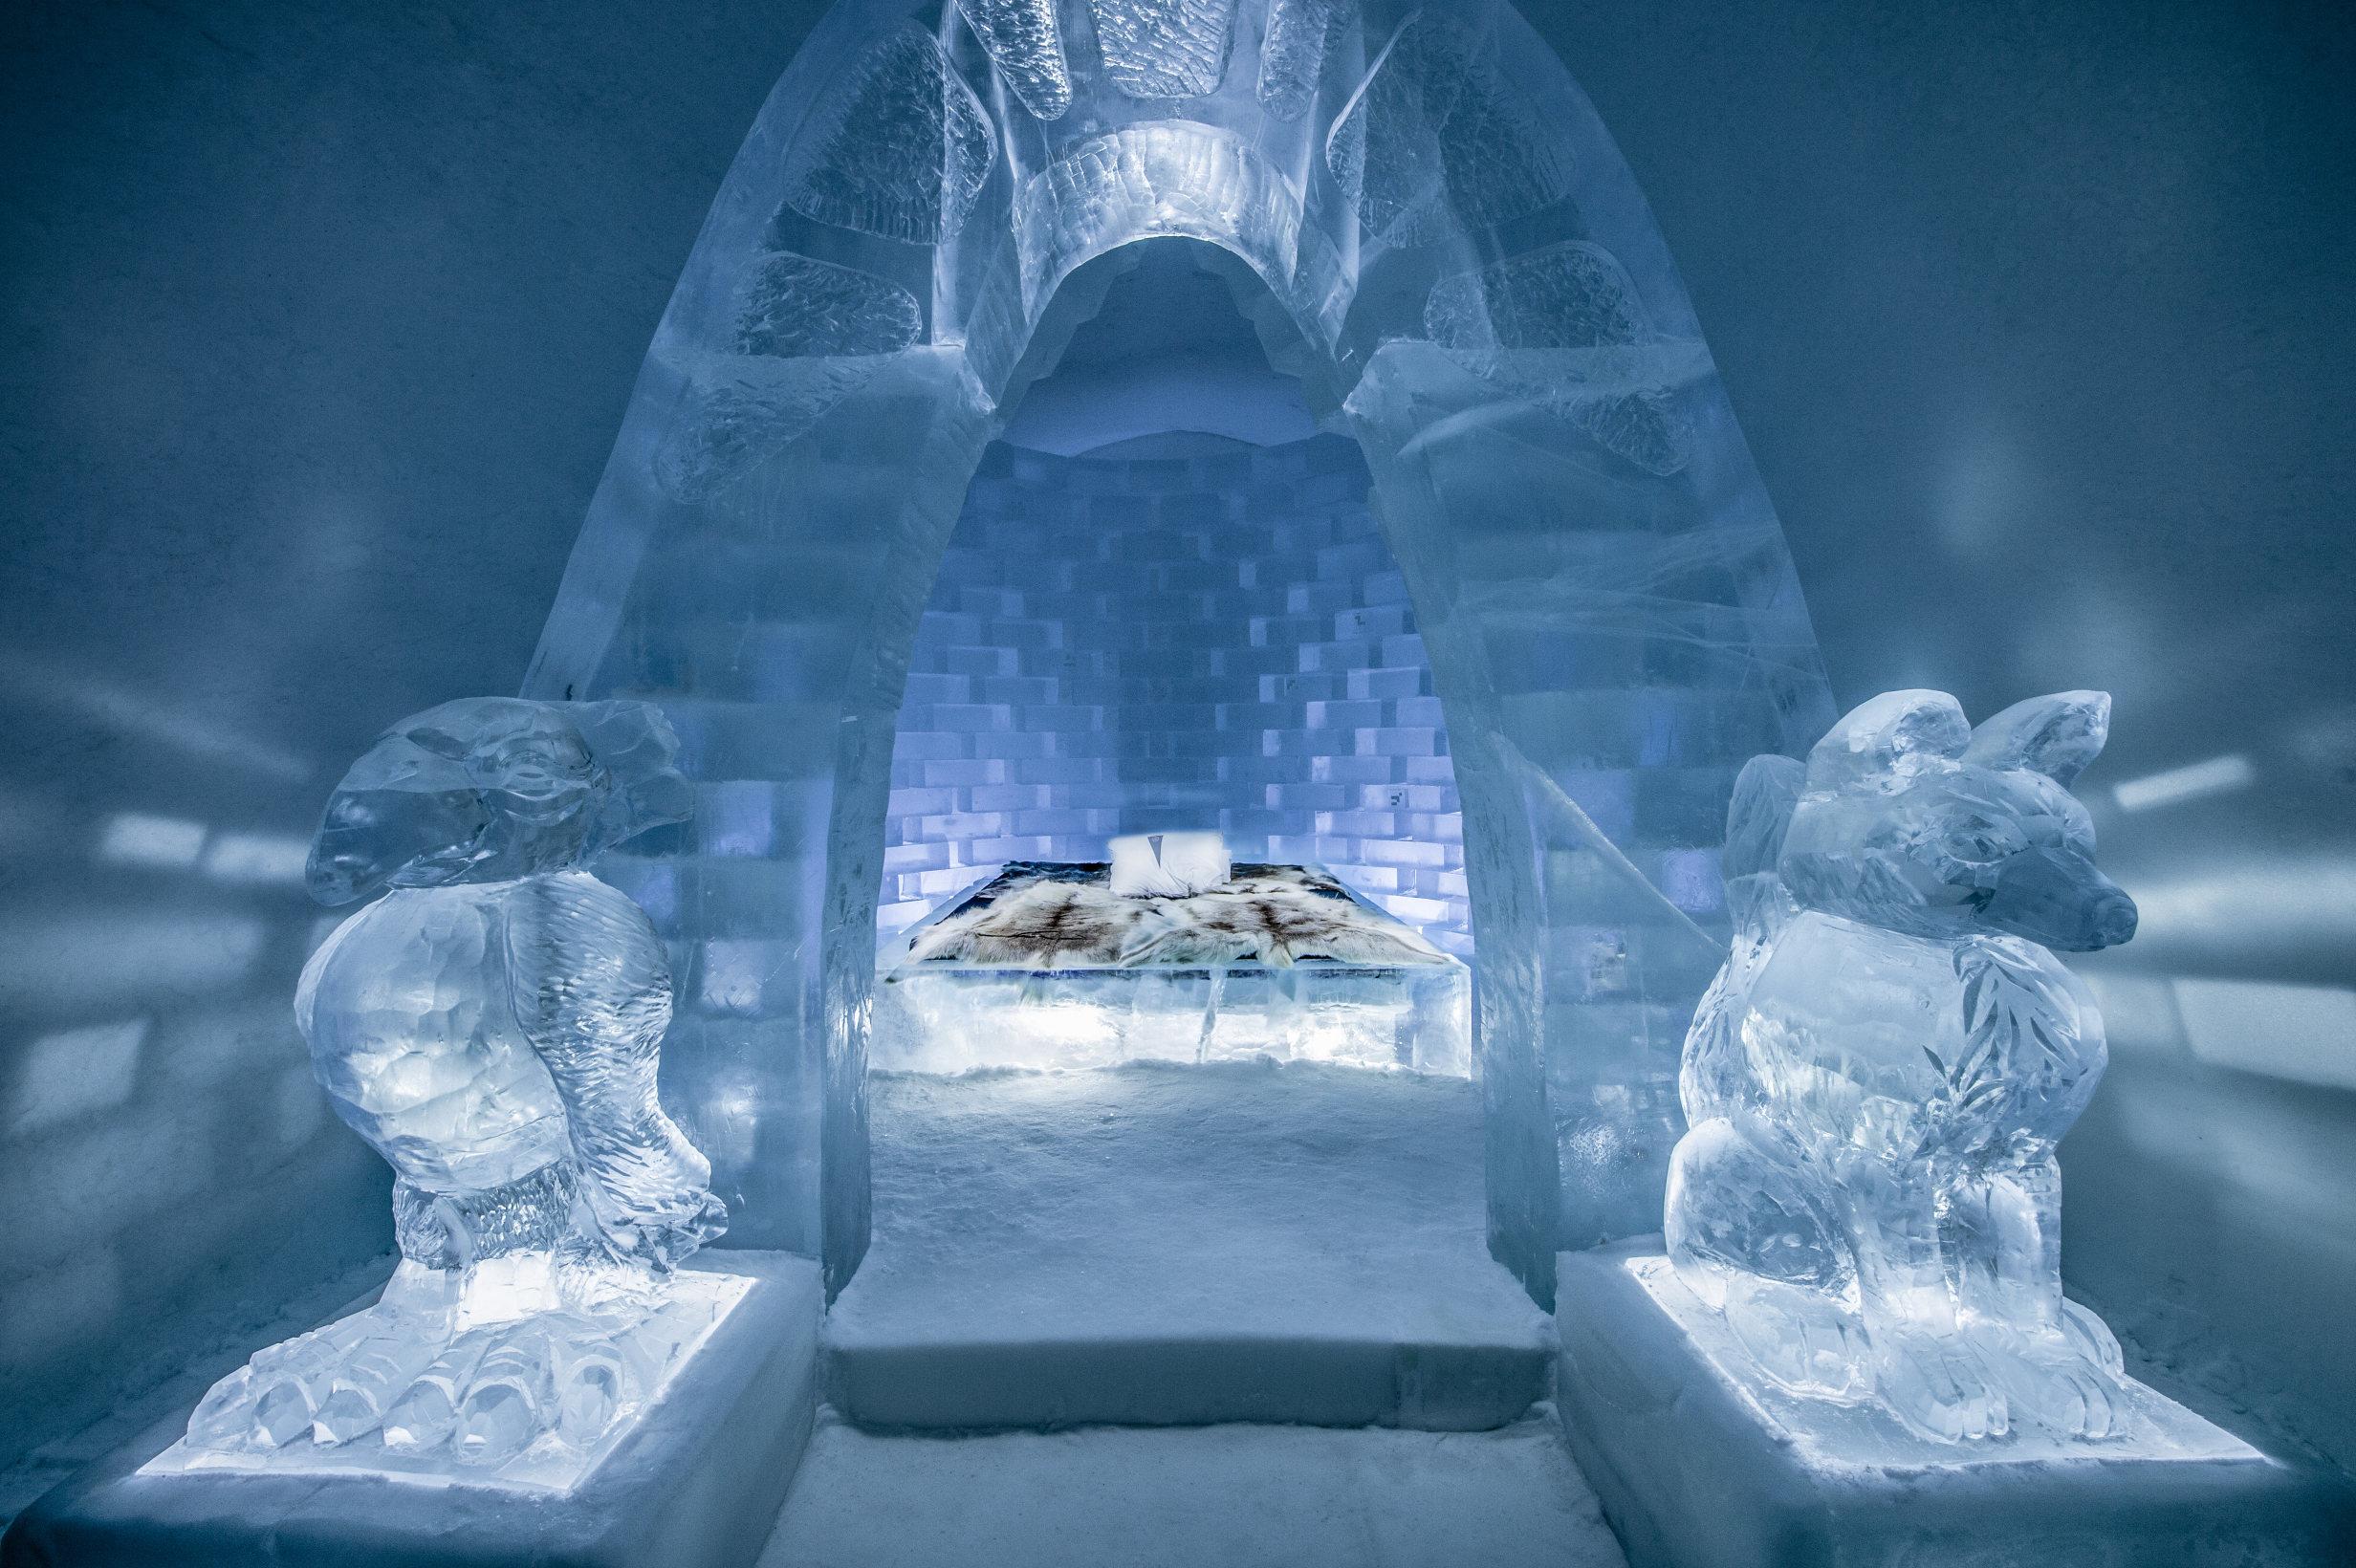 免费吹冷气的酒店?那绝对不可以错过世界上最美的5家冰之酒店啦!